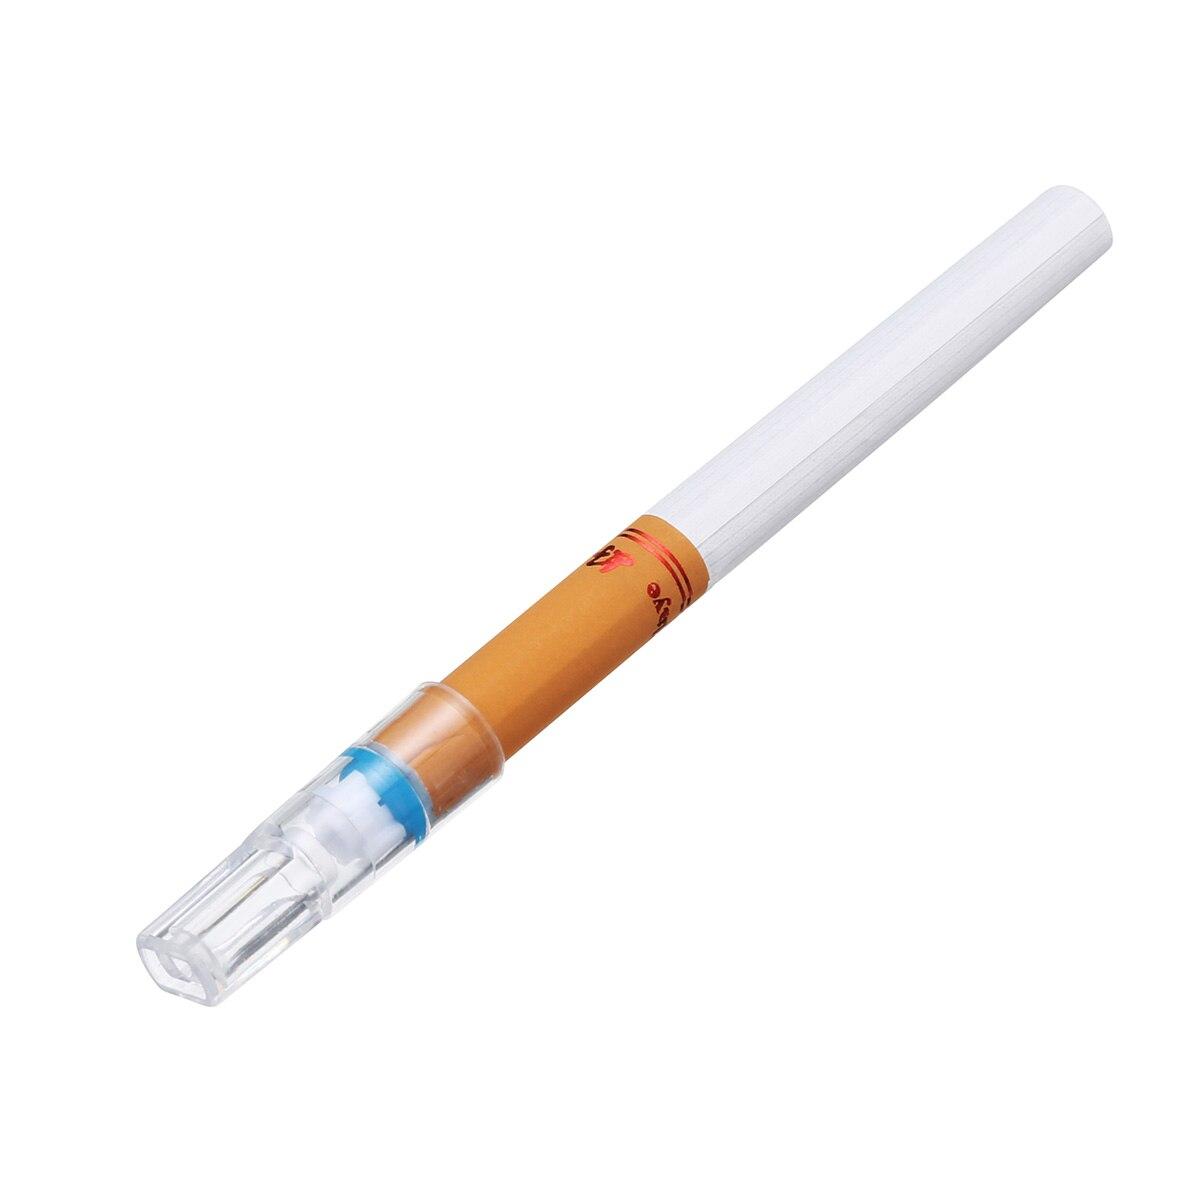 Mayitr 100pcs/lot Reduce Tar Smoking Cig